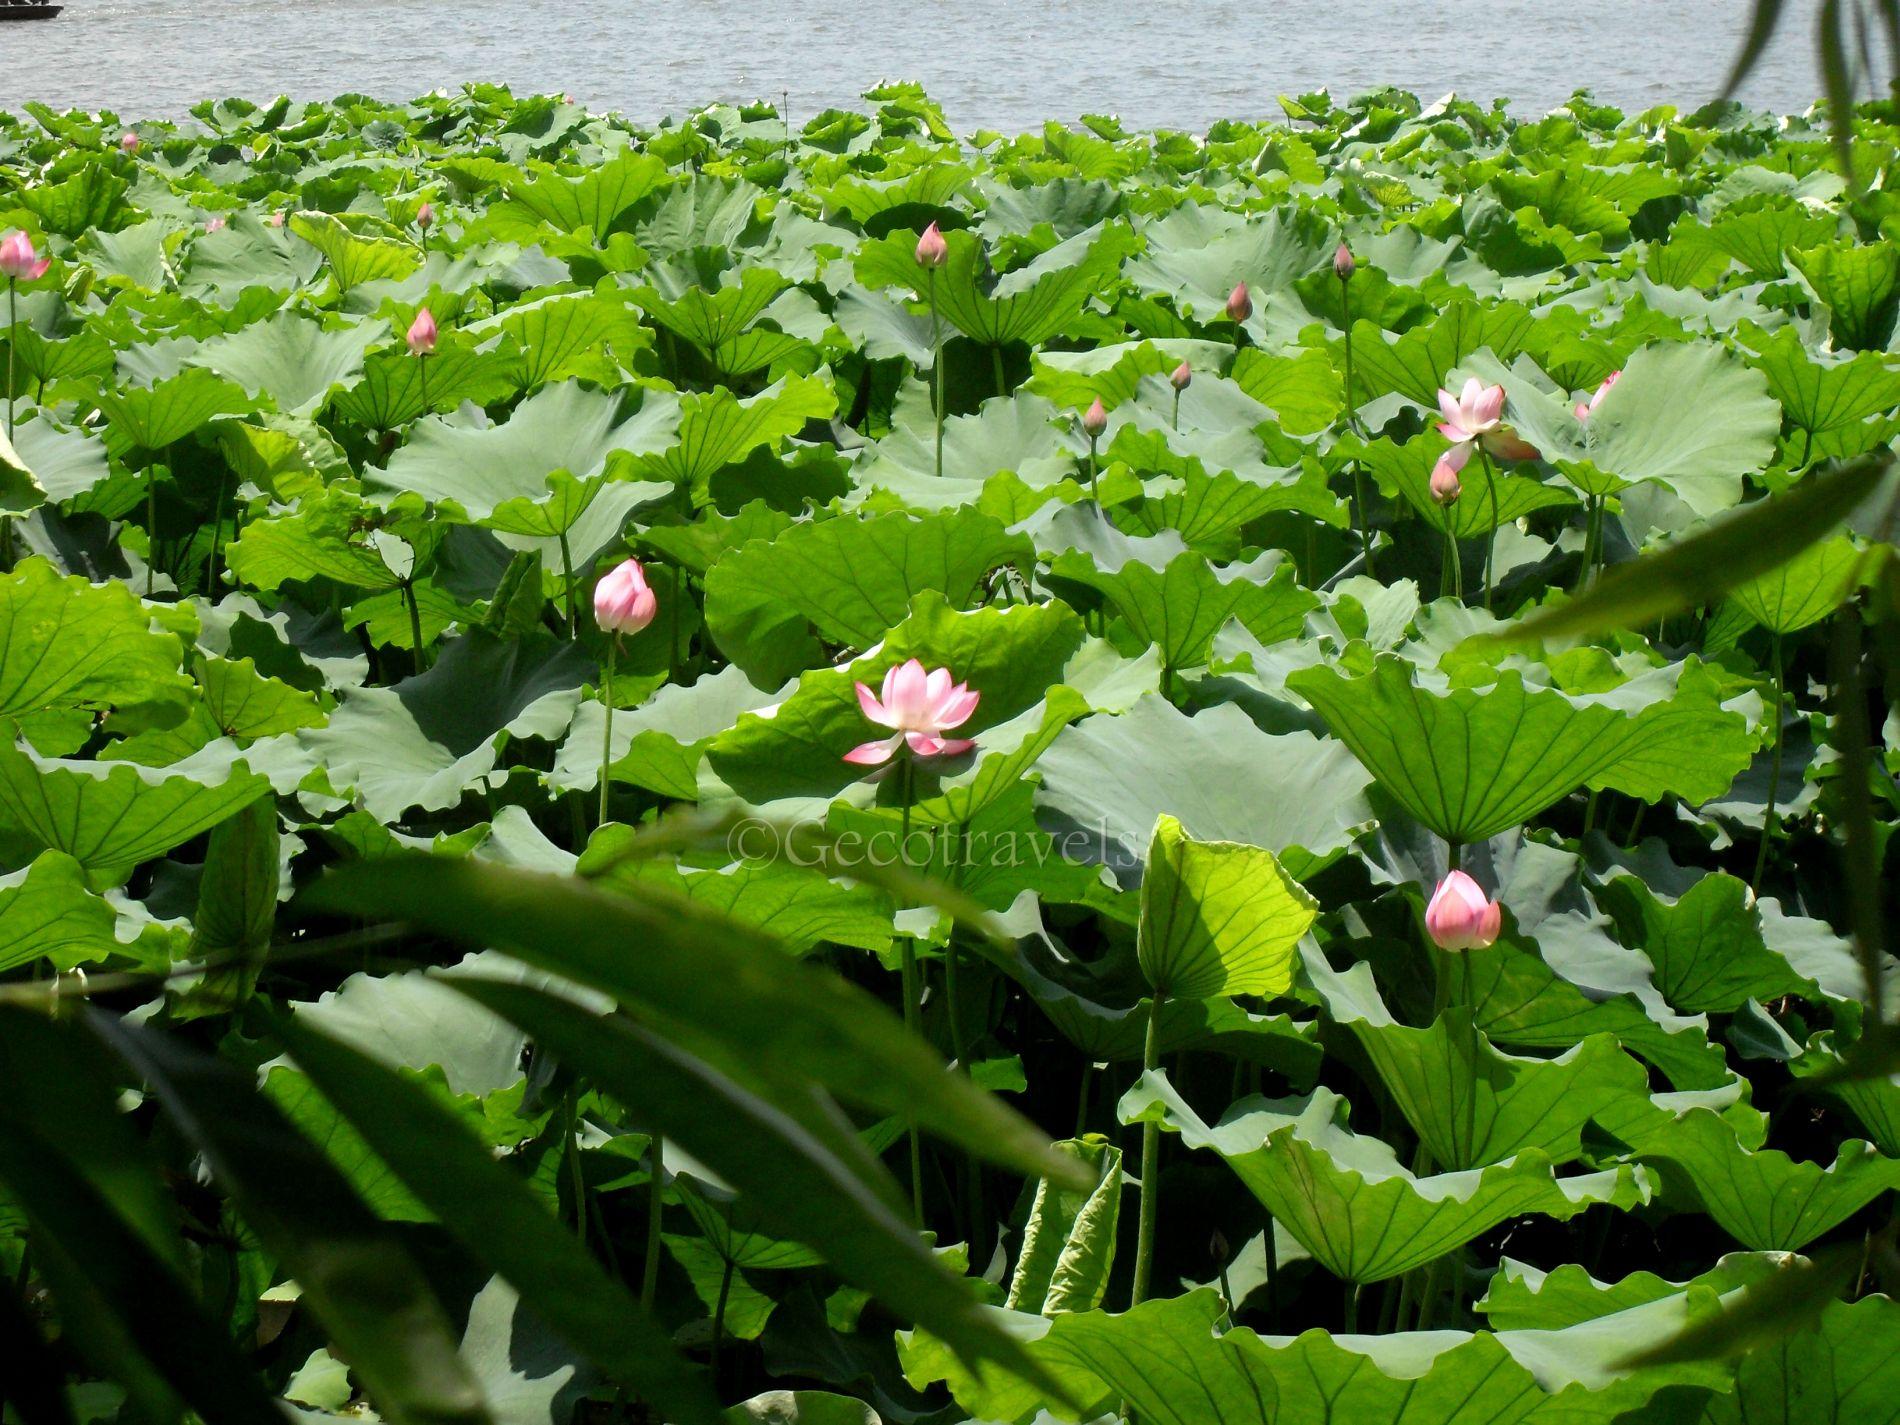 fiori di loto